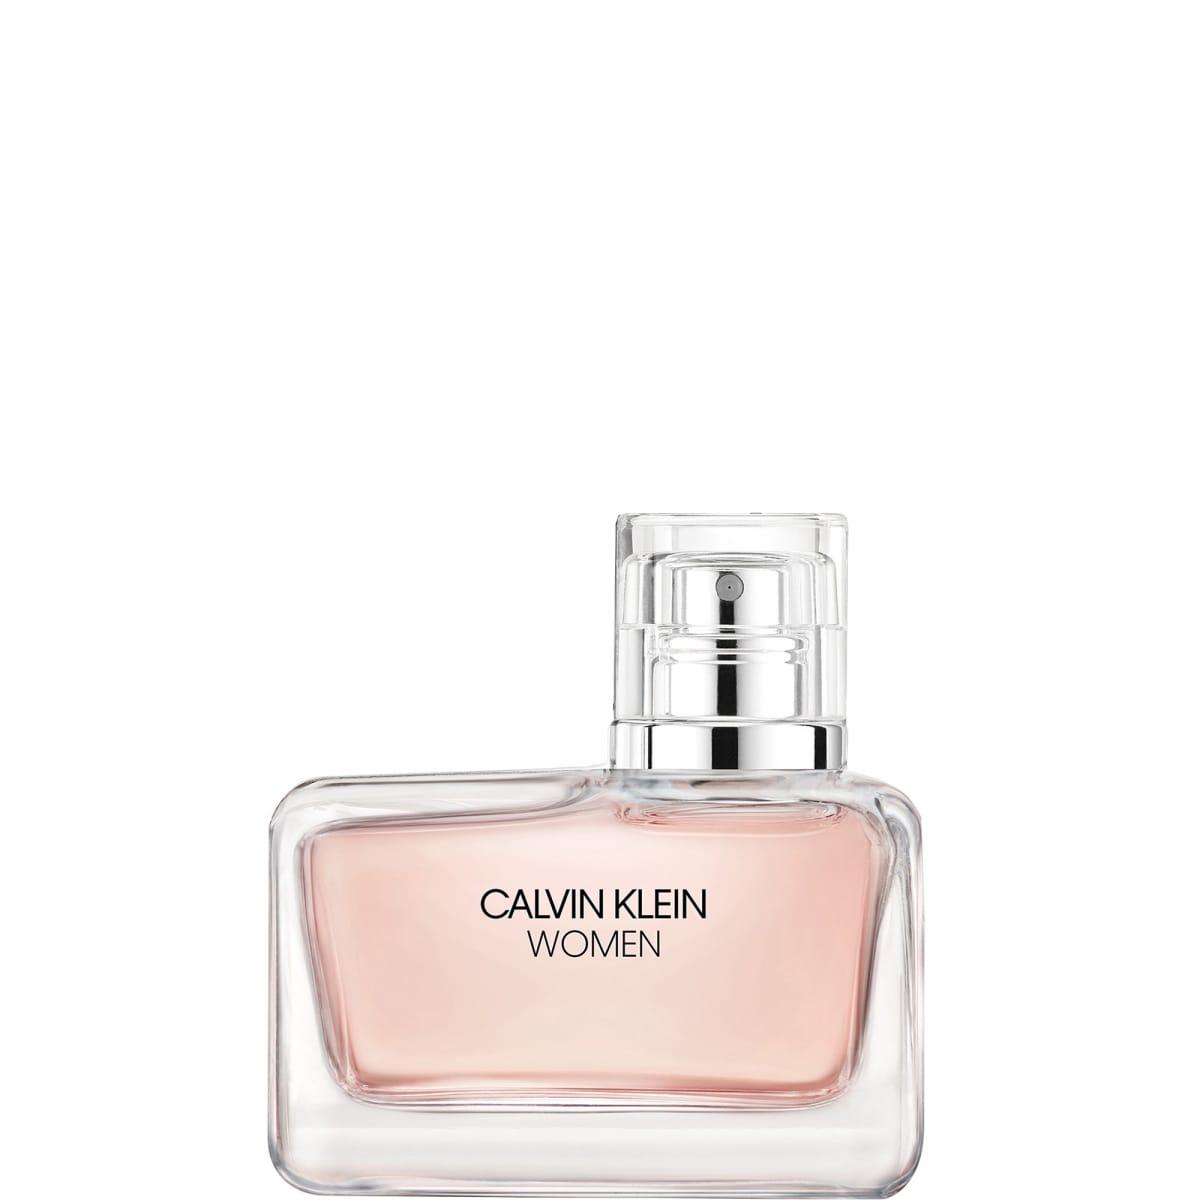 Omen Eau De Parfum Sherlockholmes Quimper